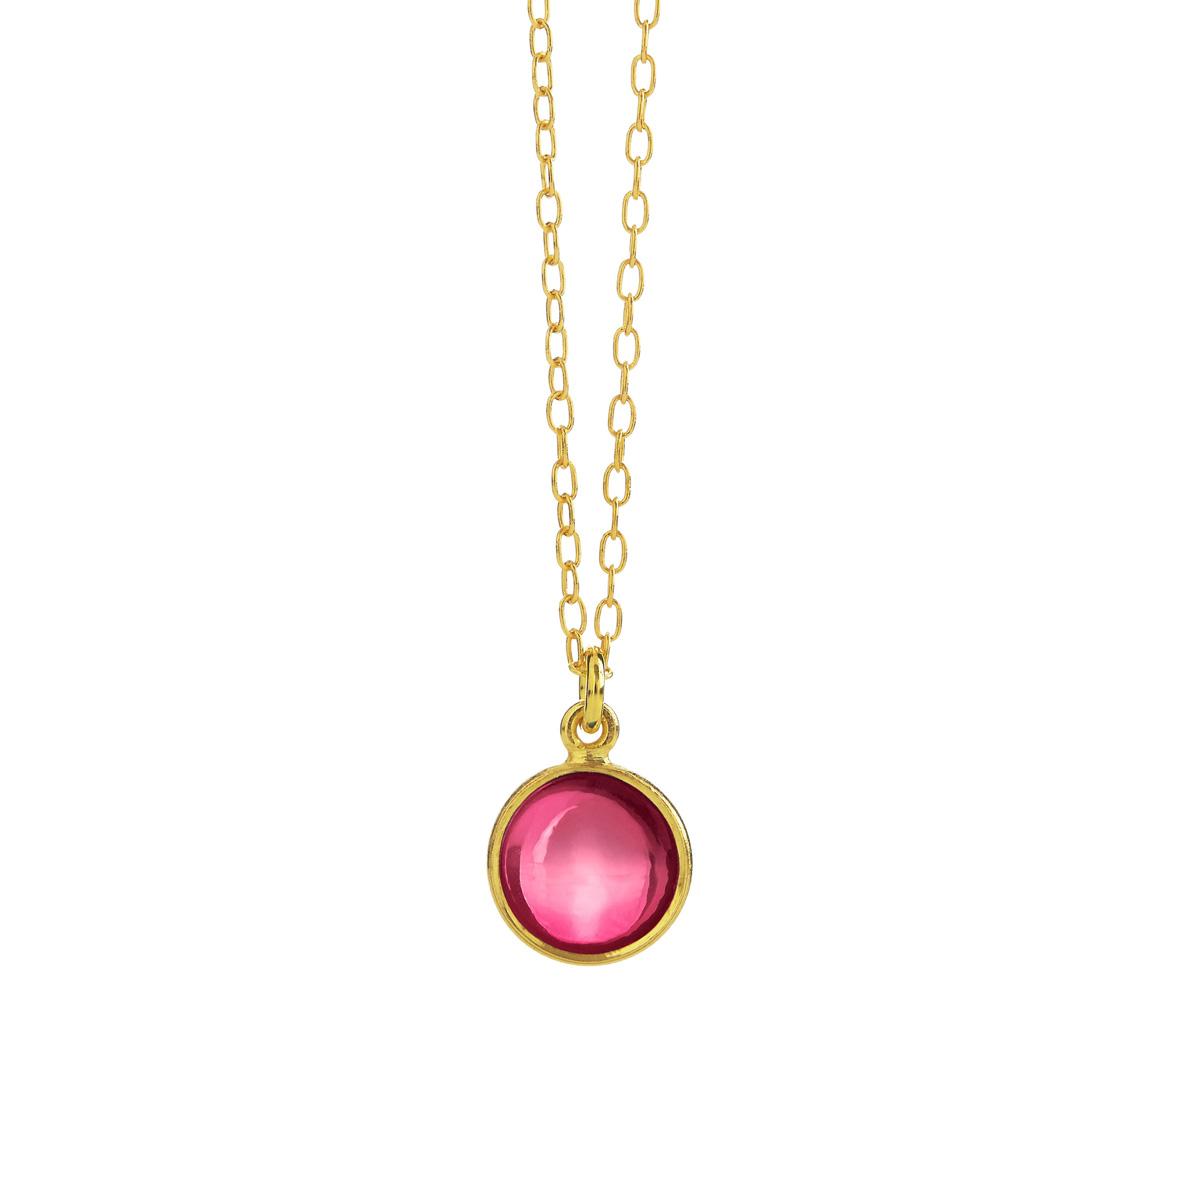 Forgyldt sølv halskæde med pink krystal fra Susanne Friis Bjørner